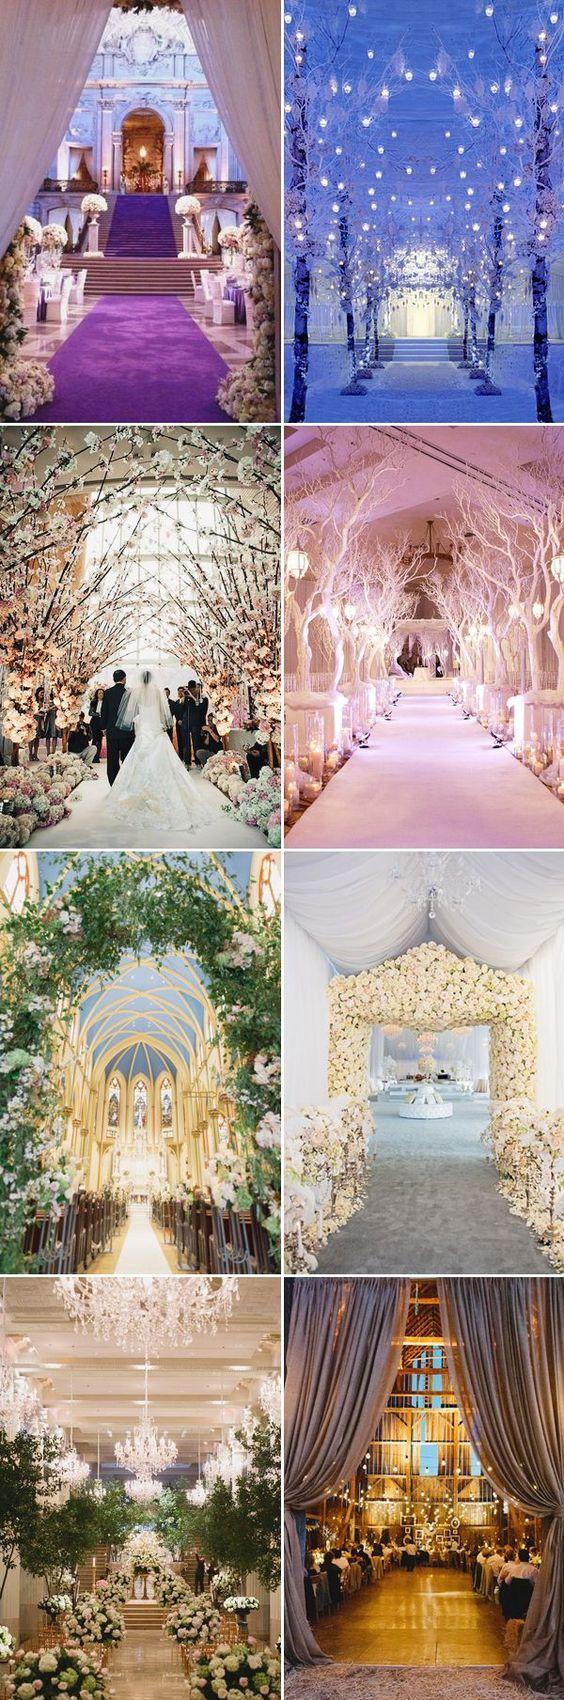 ديكورات اعراس رومانسية ستسحرك بجمالها حصري 2017 850195648.jpg